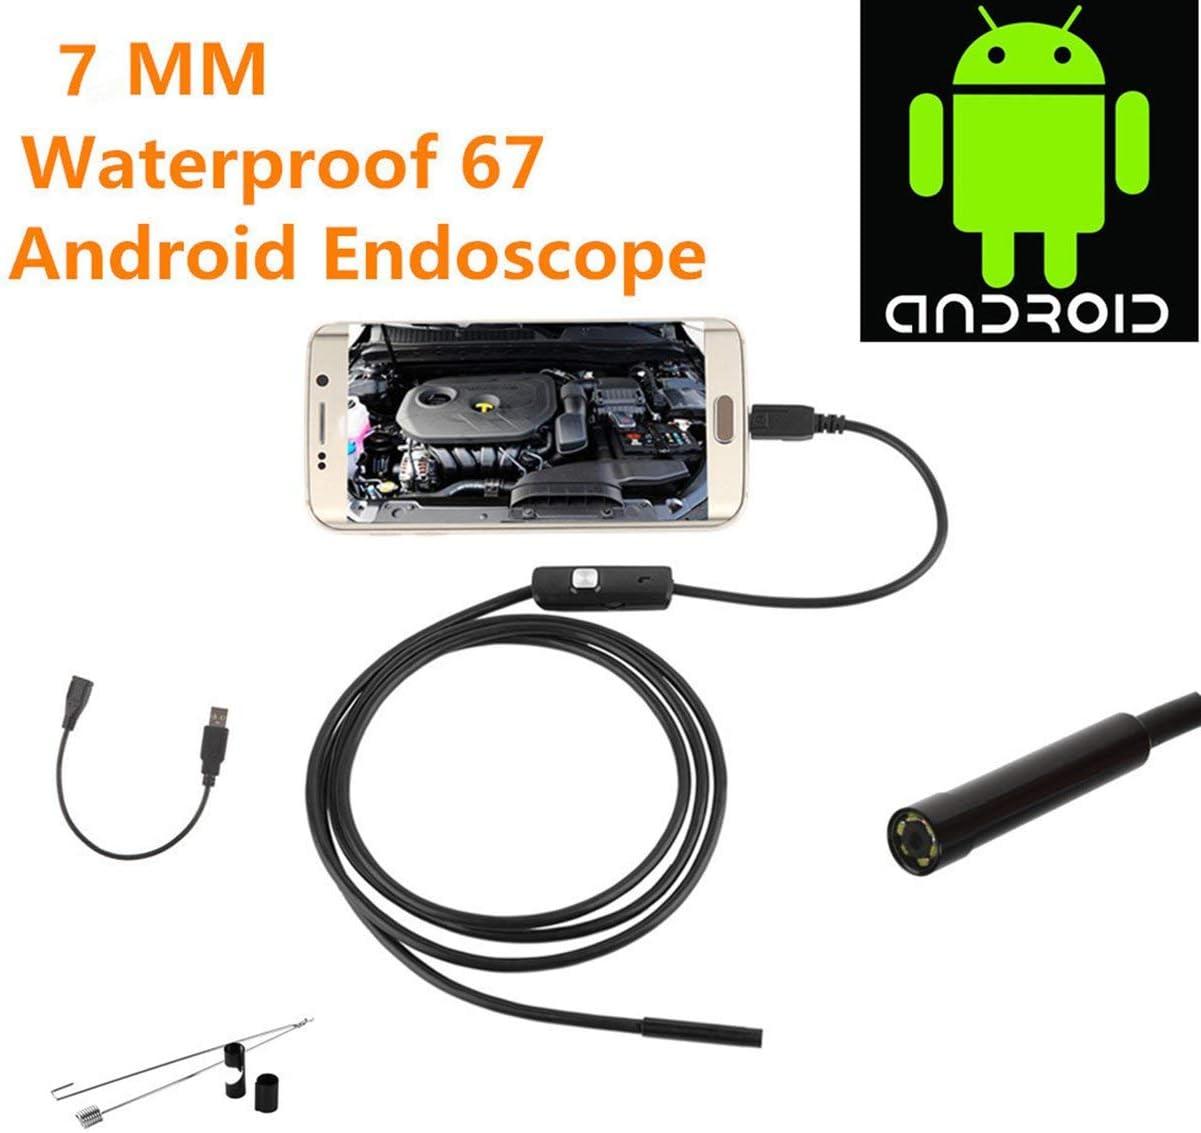 camellia pour cam/éra dendoscope /étanche Android Endoscope Android 8 LED Une Longue Longueur focale Effective Noir